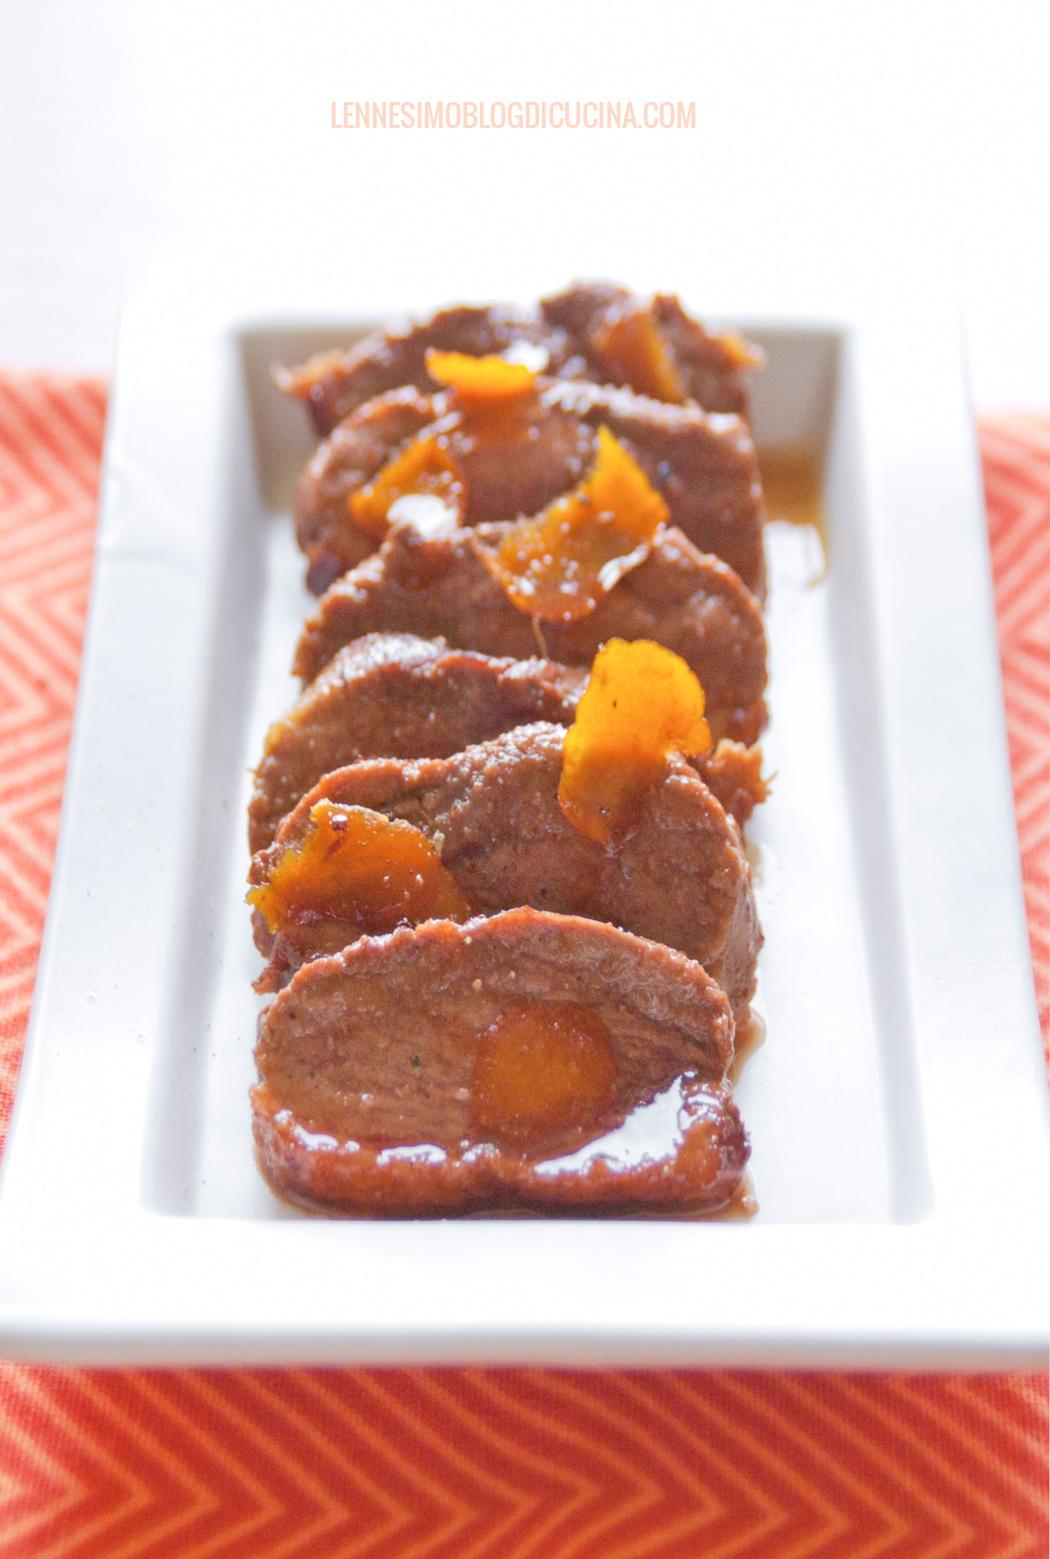 anatra-arancia